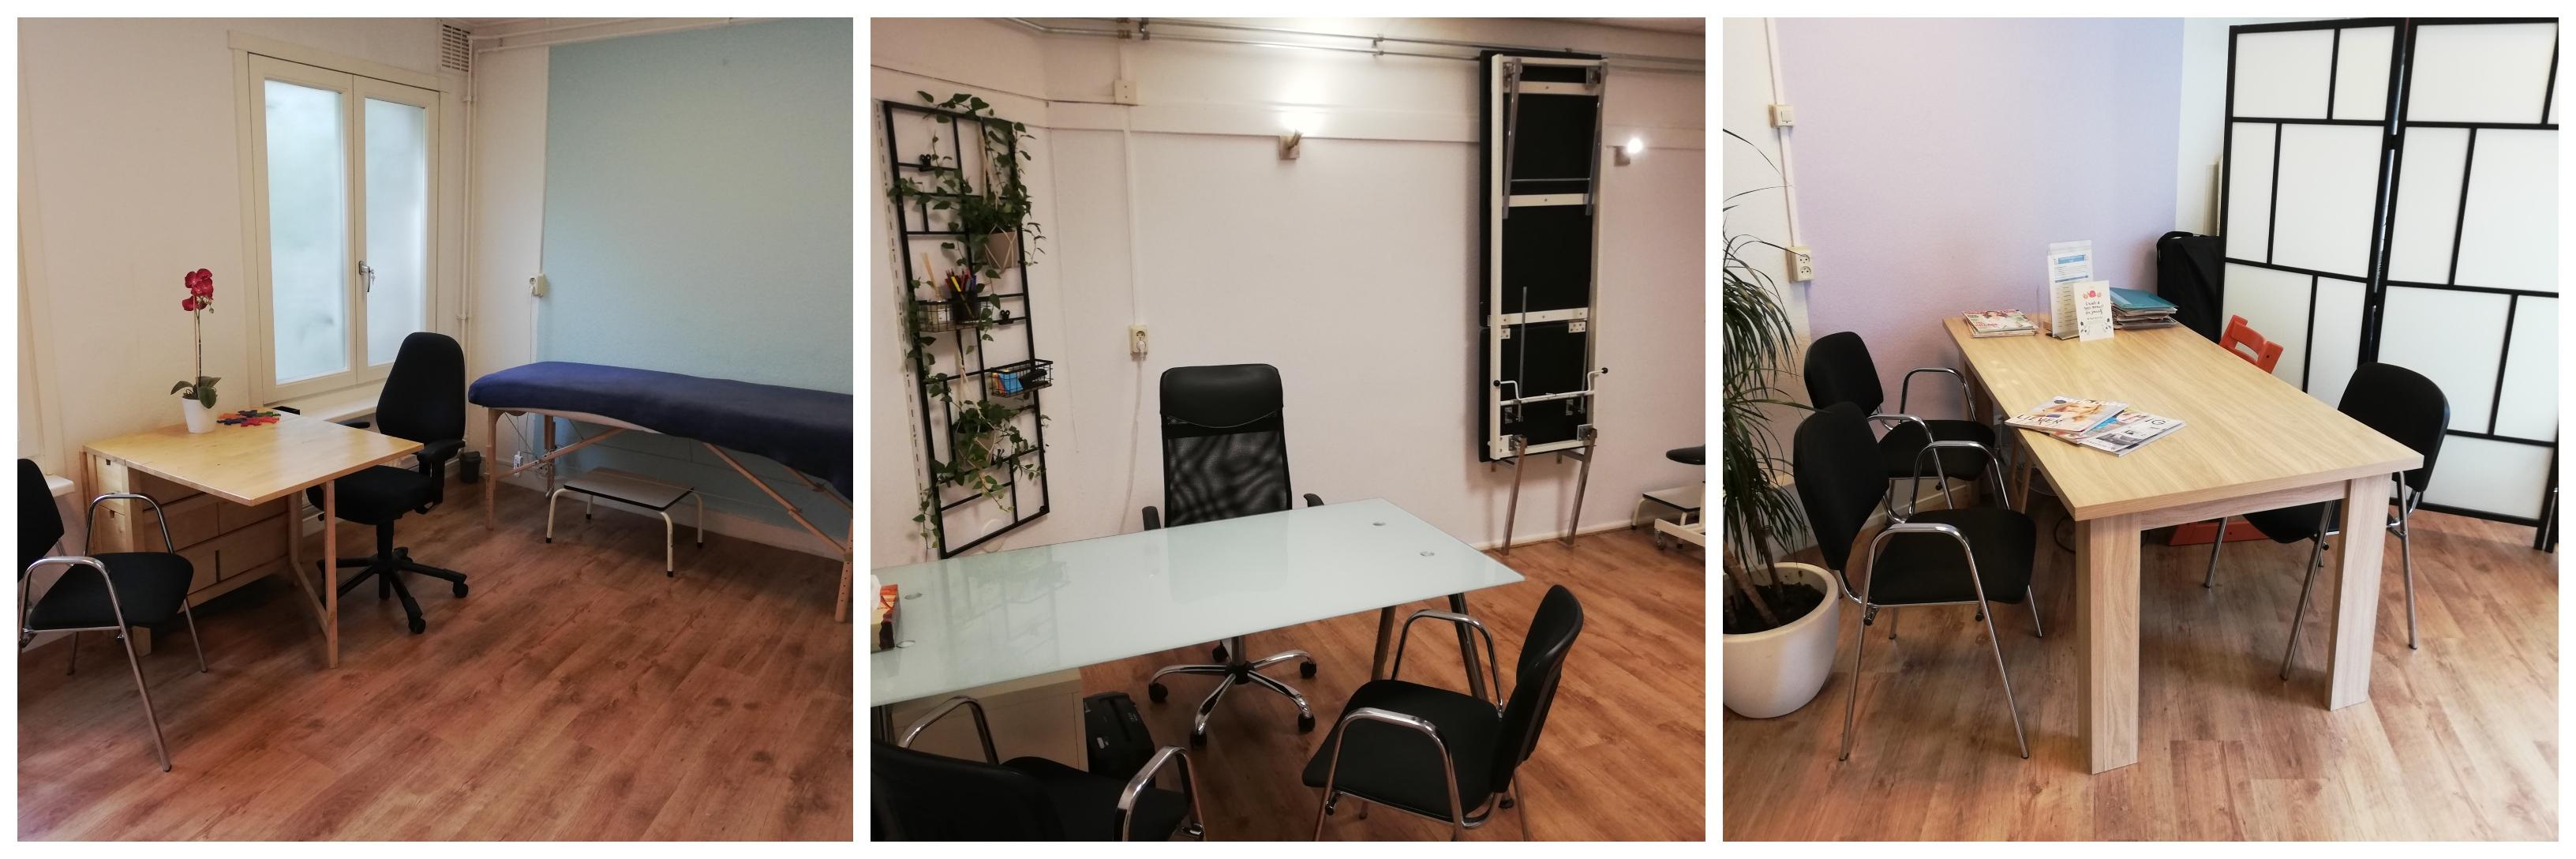 Collage van de 3 mooie praktijkruimtes van MCA Zuid